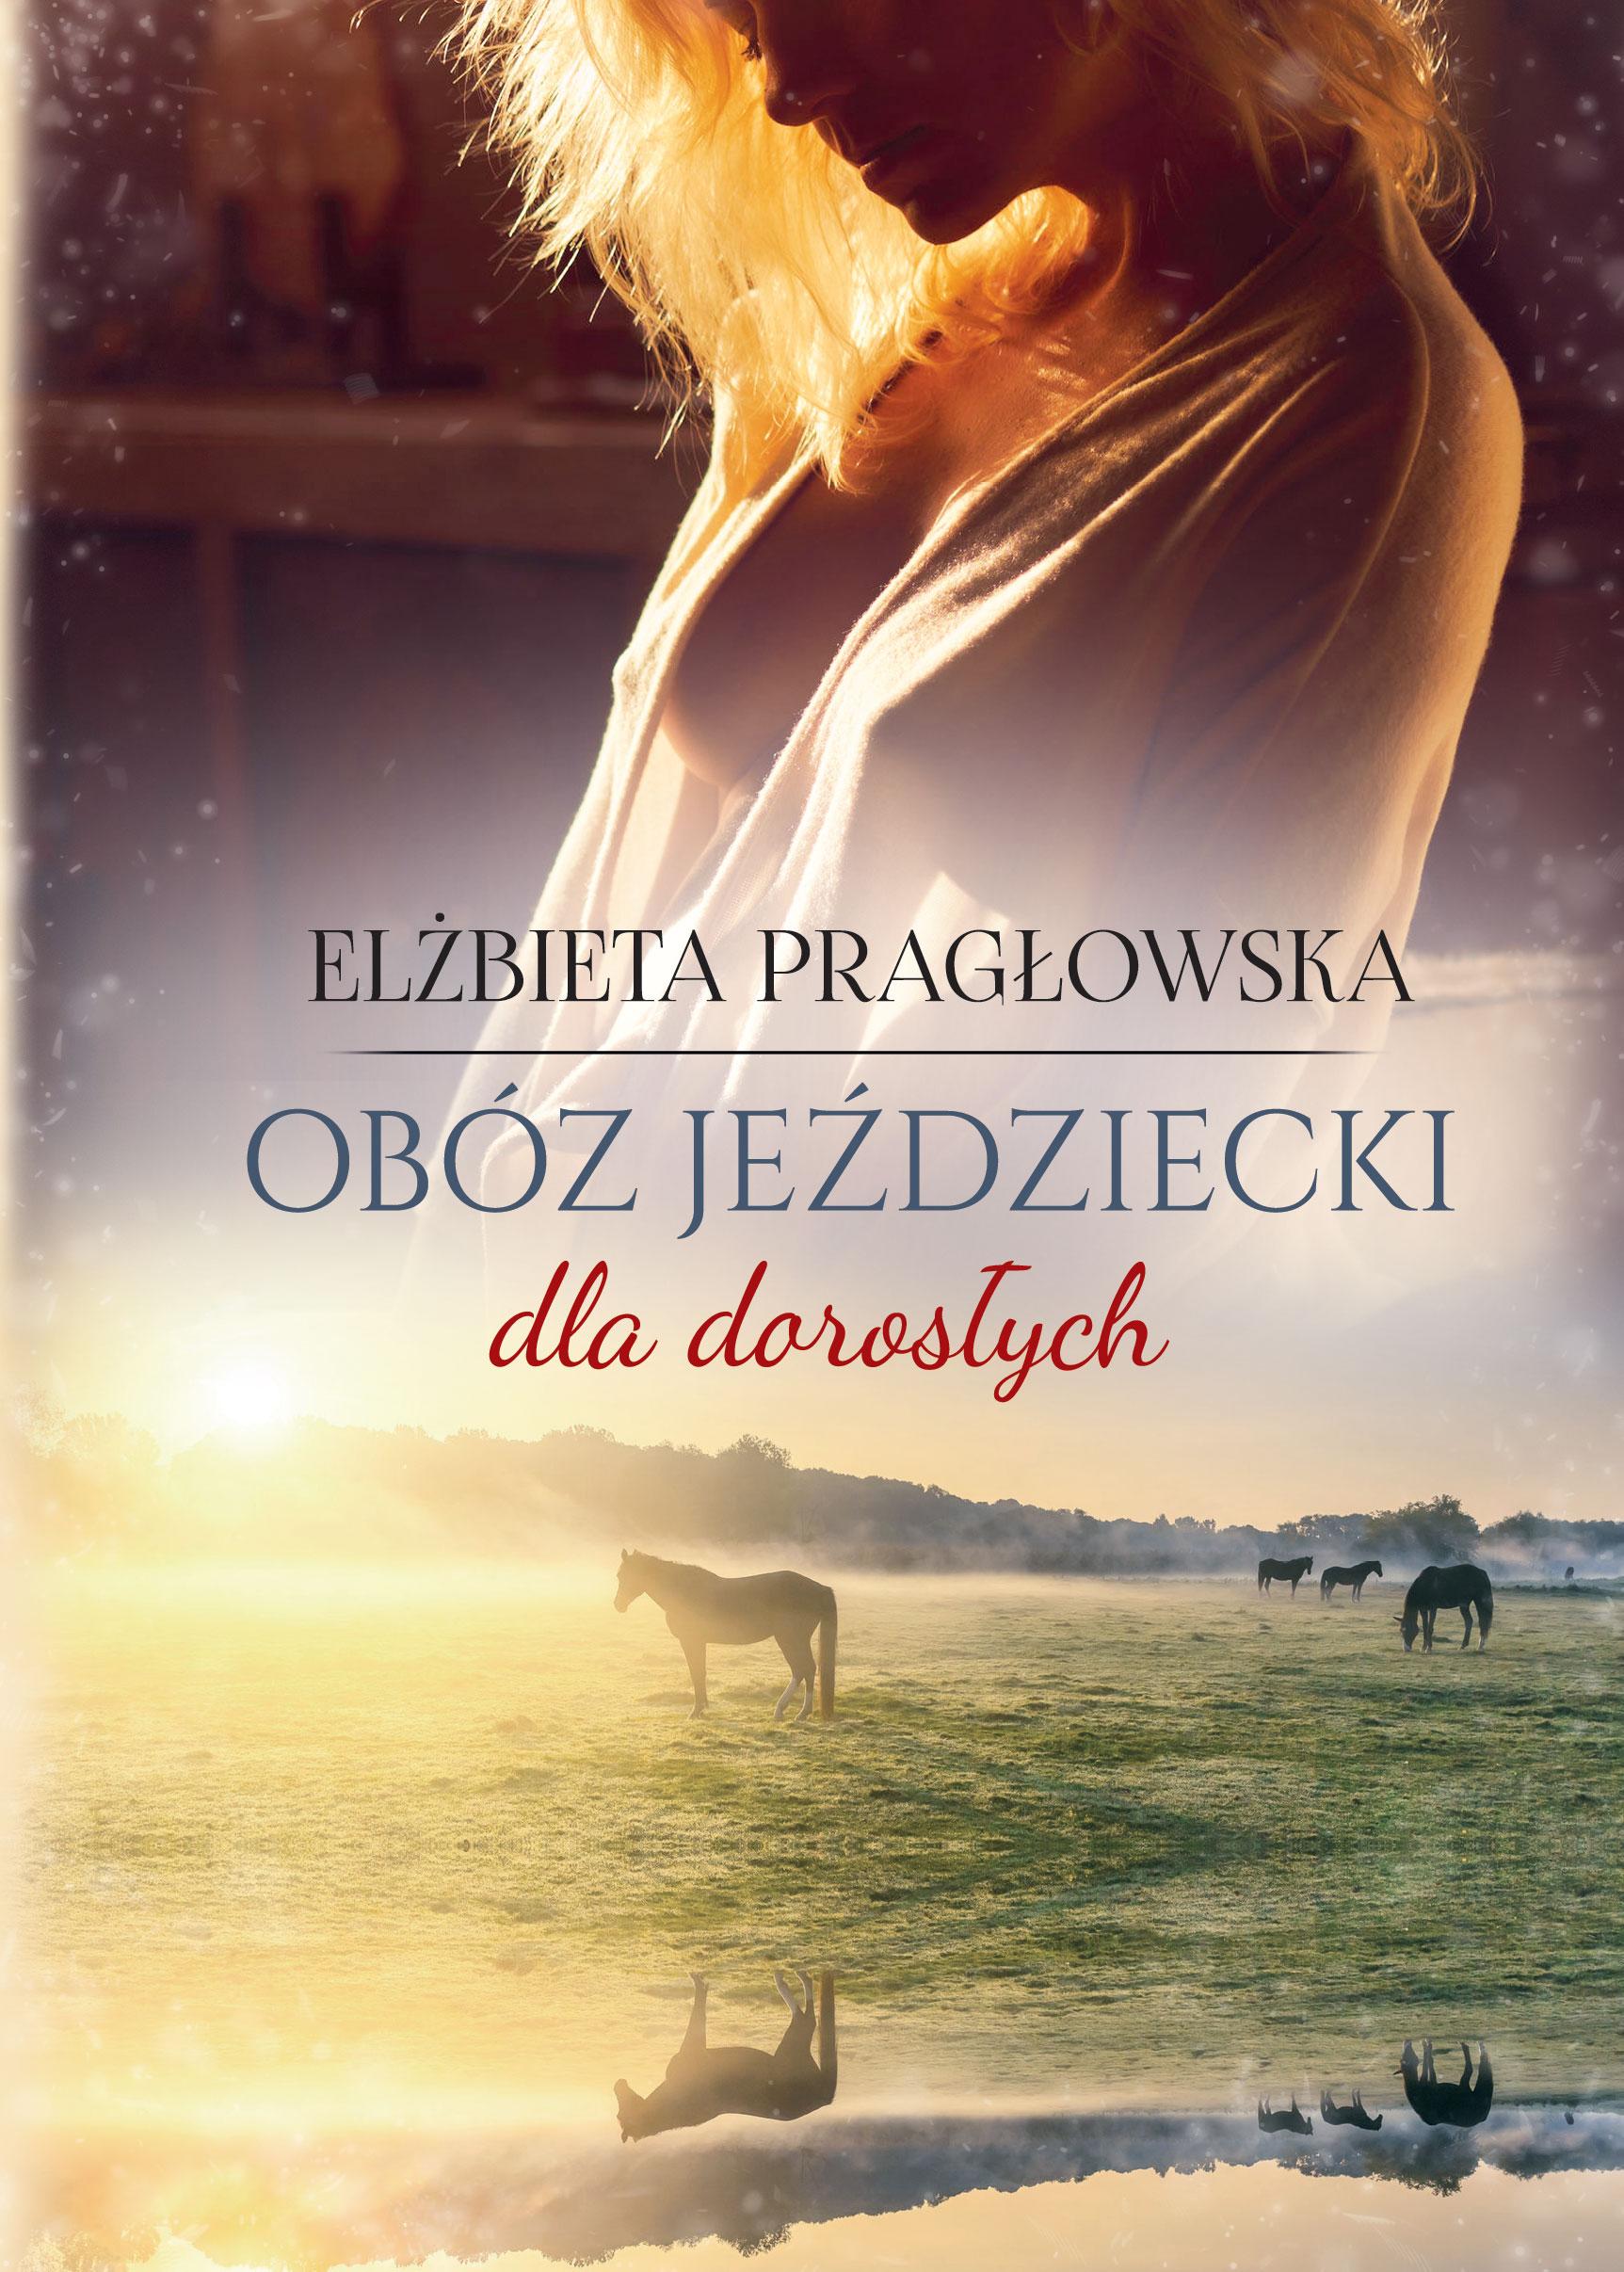 Obóz jeździecki dla dorosłych Elżbieta Pragłowska